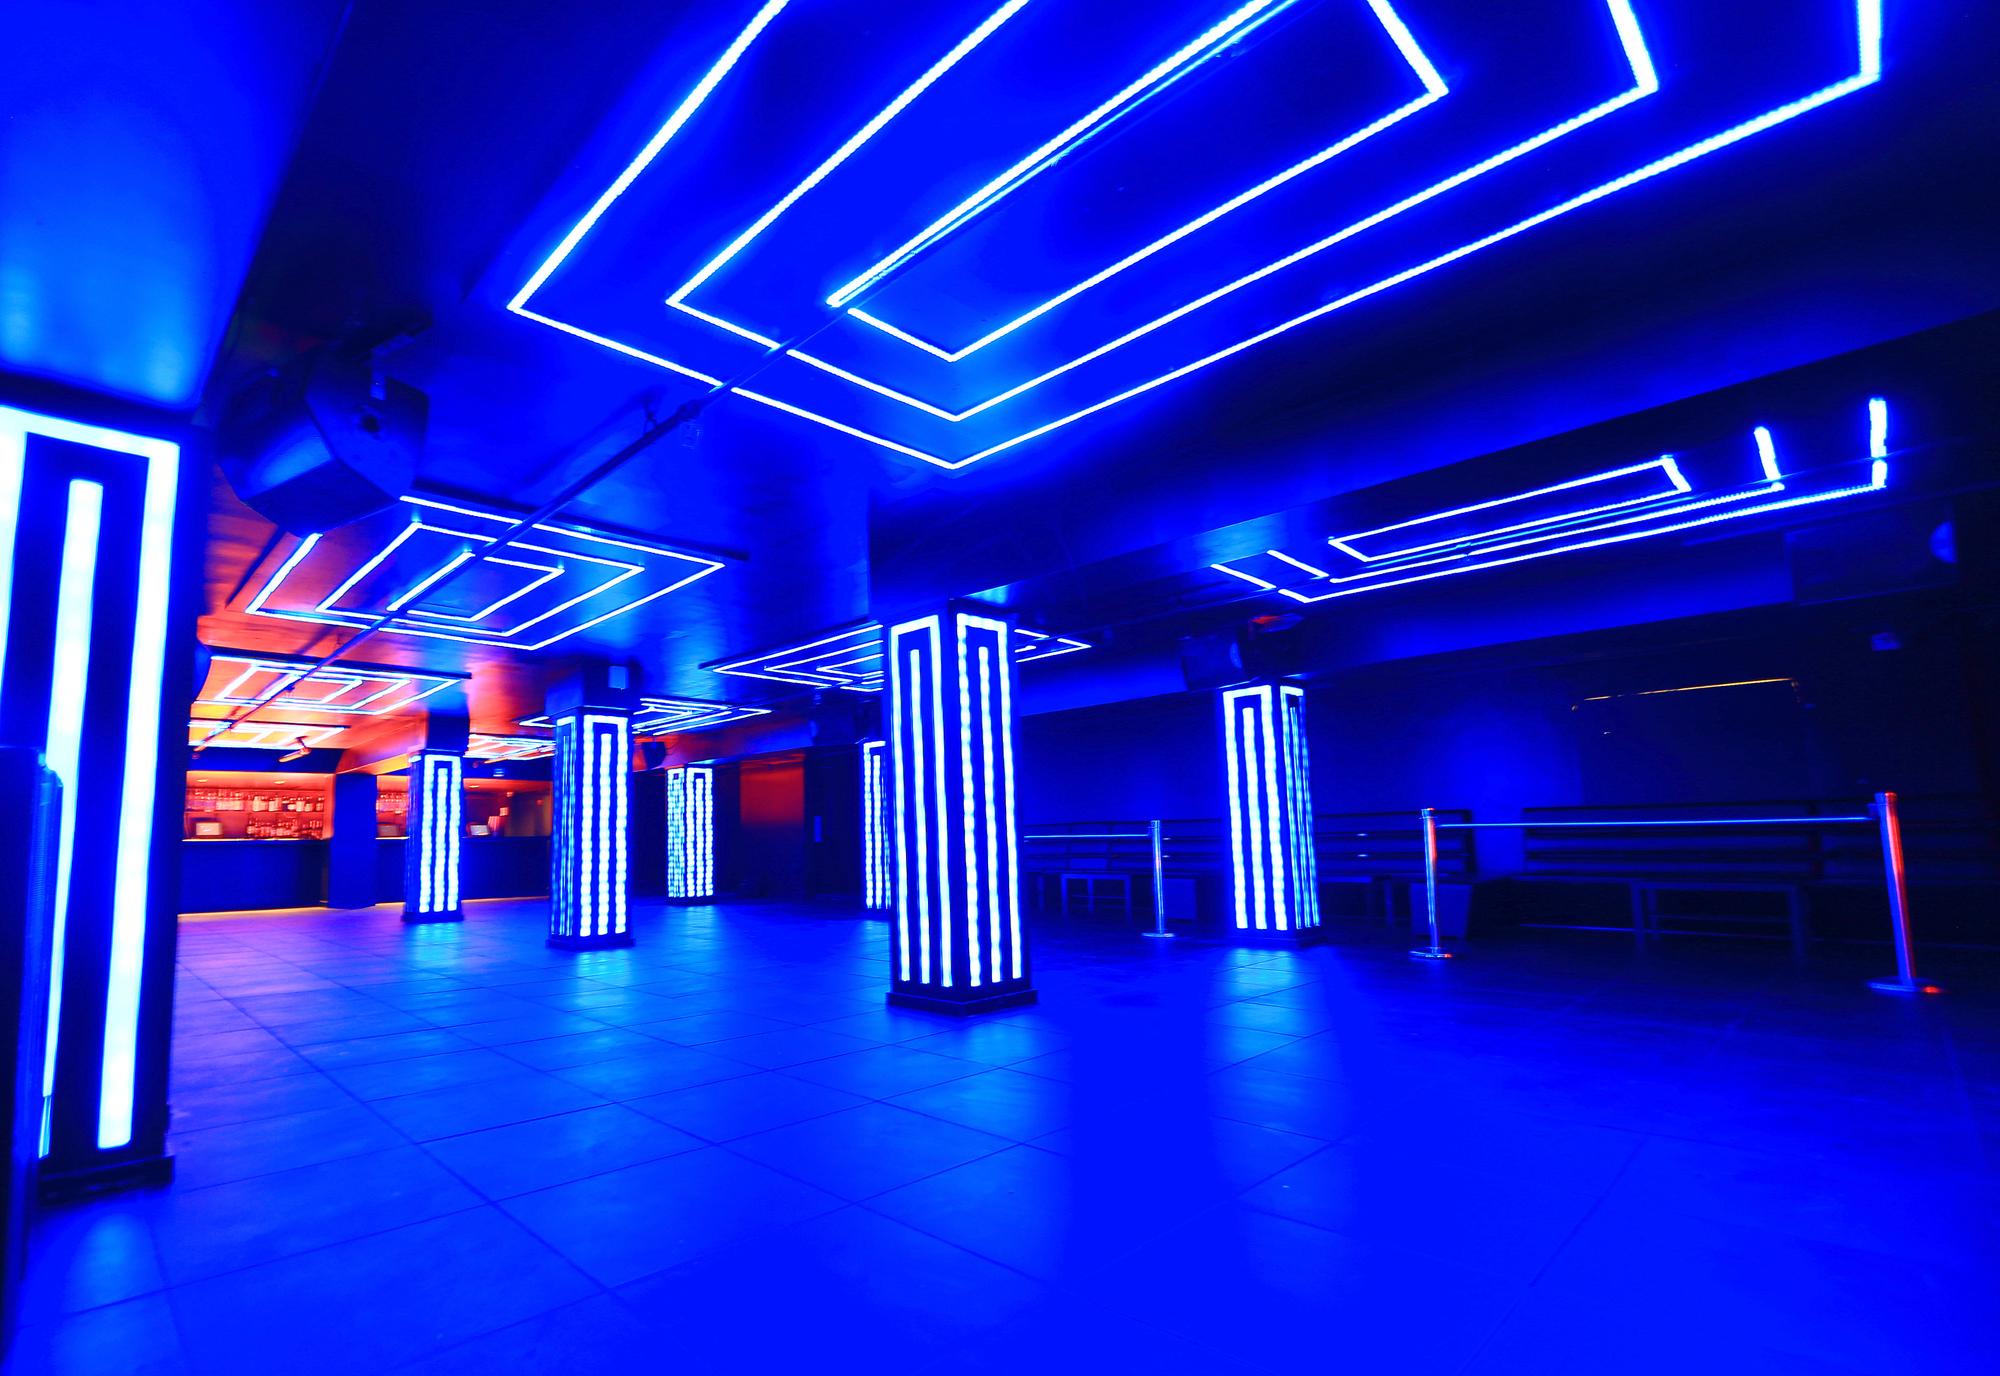 Basement Dance Floor